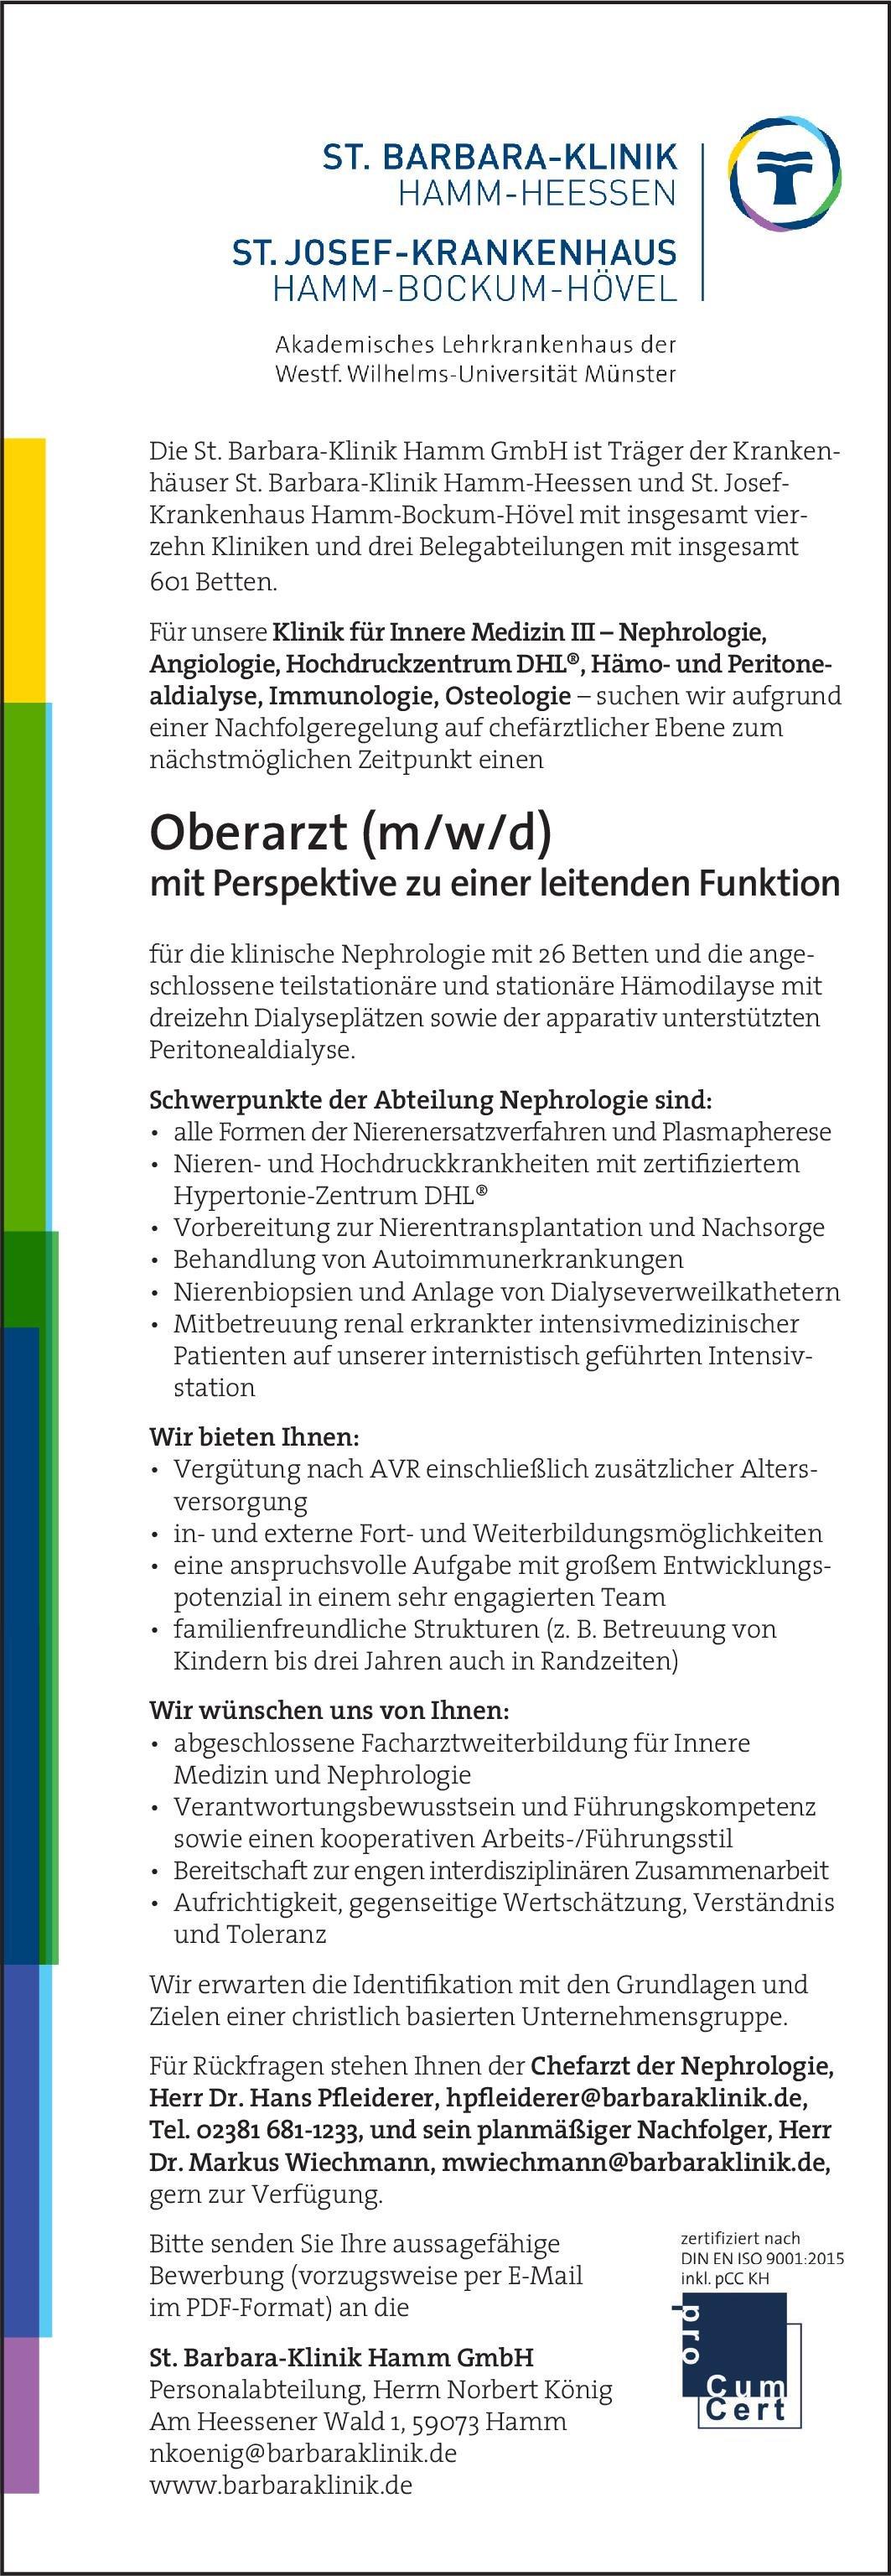 St. Barbara-Klinik Hamm GmbH Oberarzt (m/w/d) mit Perspektive zu einer leitenden Funktion - Innere Medizn III  Innere Medizin und Angiologie, Innere Medizin und Hämatologie und Onkologie, Innere Medizin und Nephrologie Oberarzt